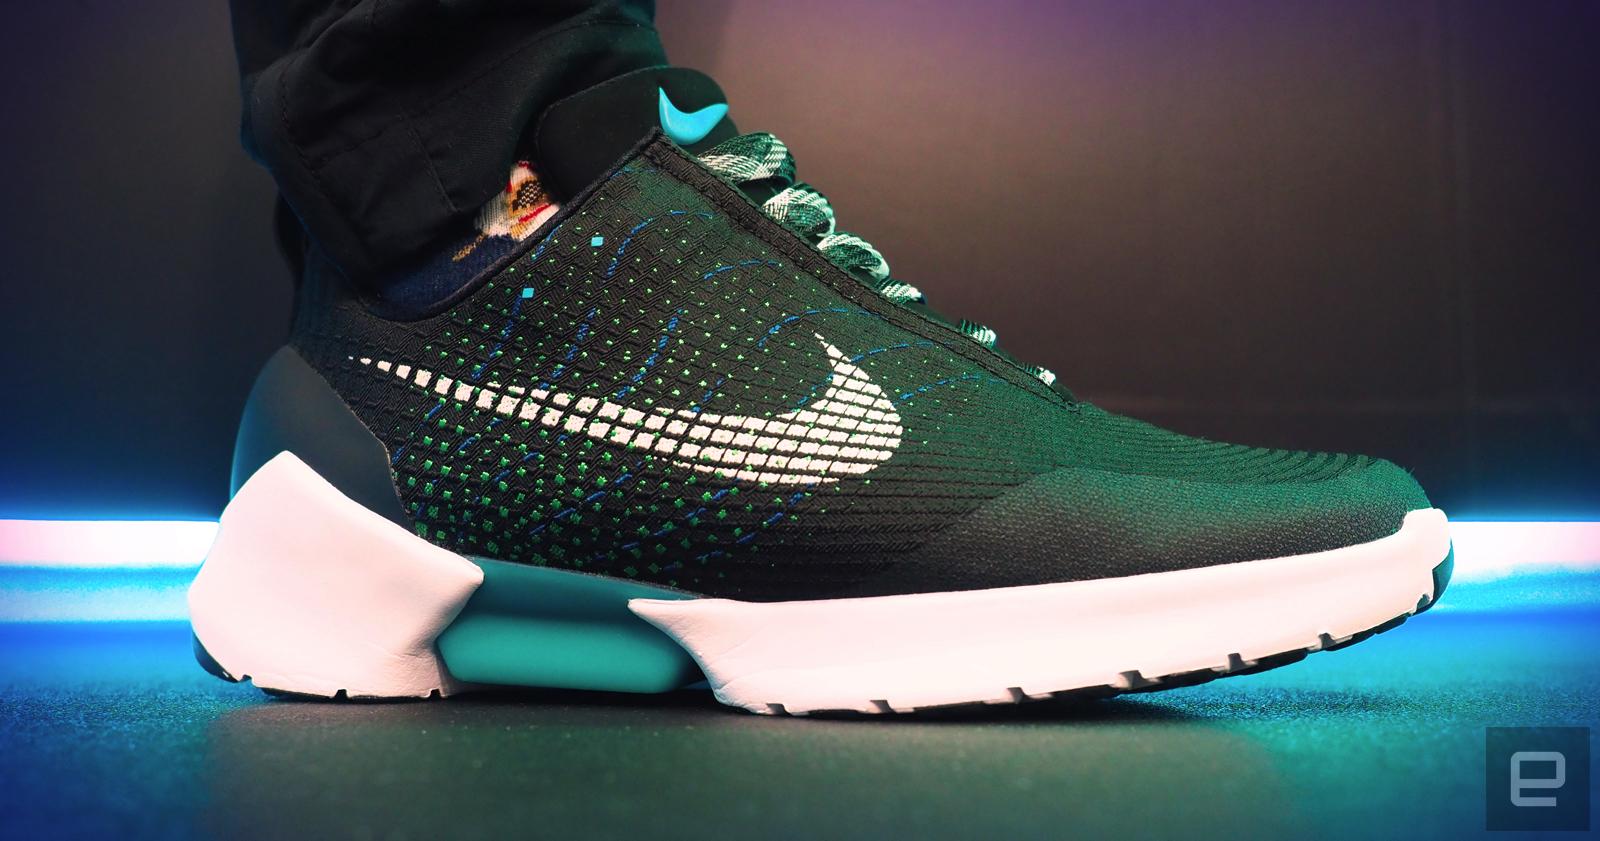 回到未來化為真實,Nike HyperAdapt 自綁鞋帶運動鞋動手玩